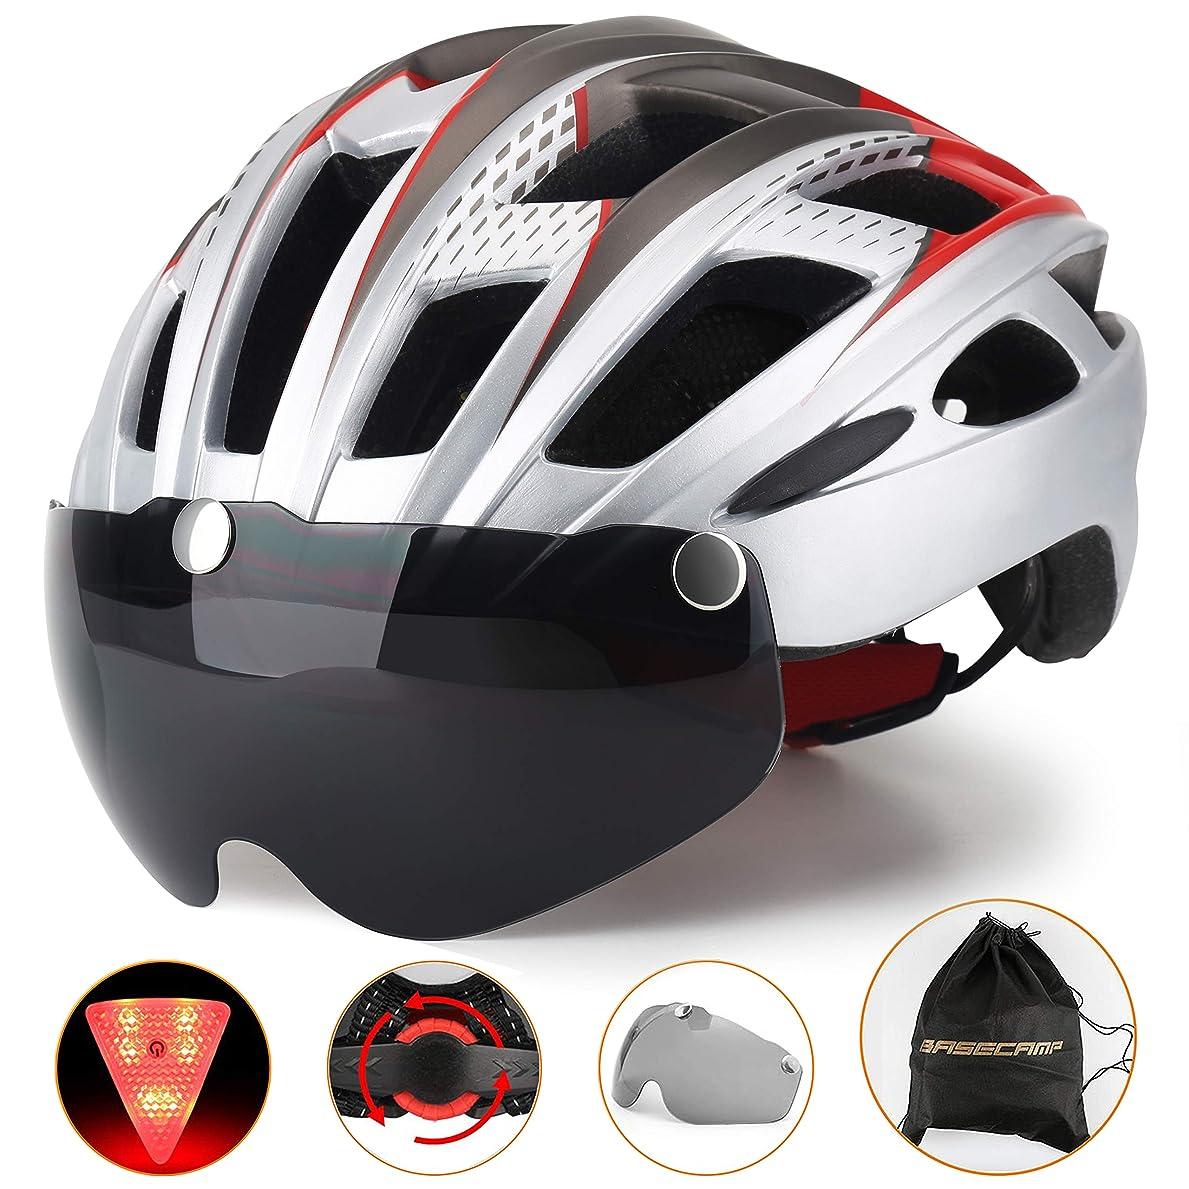 まもなく農夫下線Kingleadサイクリングヘルメット(林)自転車ヘルメット 大人用ヘルメット LEDライト付き バイザーが取り出す可能軽量なロードバイクヘルメット